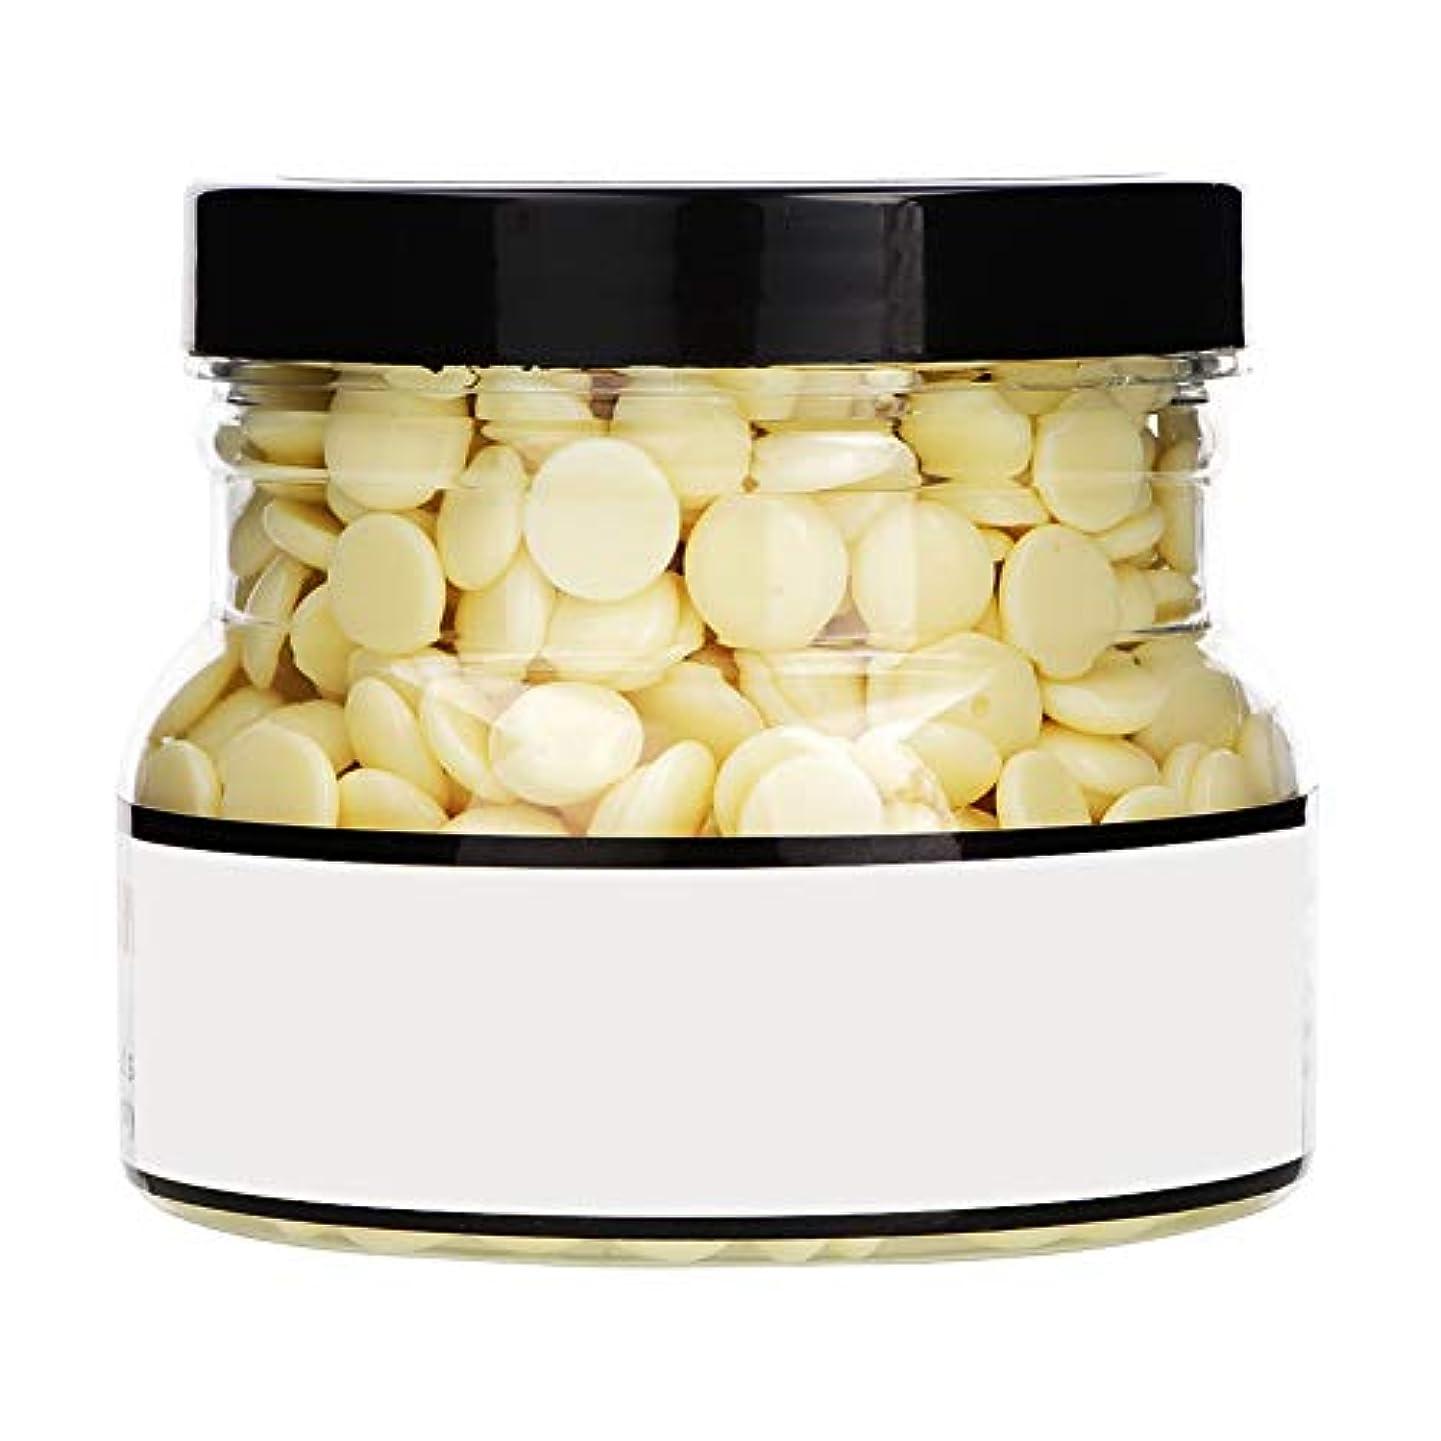 役に立つペイン間違いなくワックス豆、インゲン豆、ハードボディ脱毛脱毛ワックス脱毛ワックスボックス固体淡黄色1PCスタイルの250グラム-01